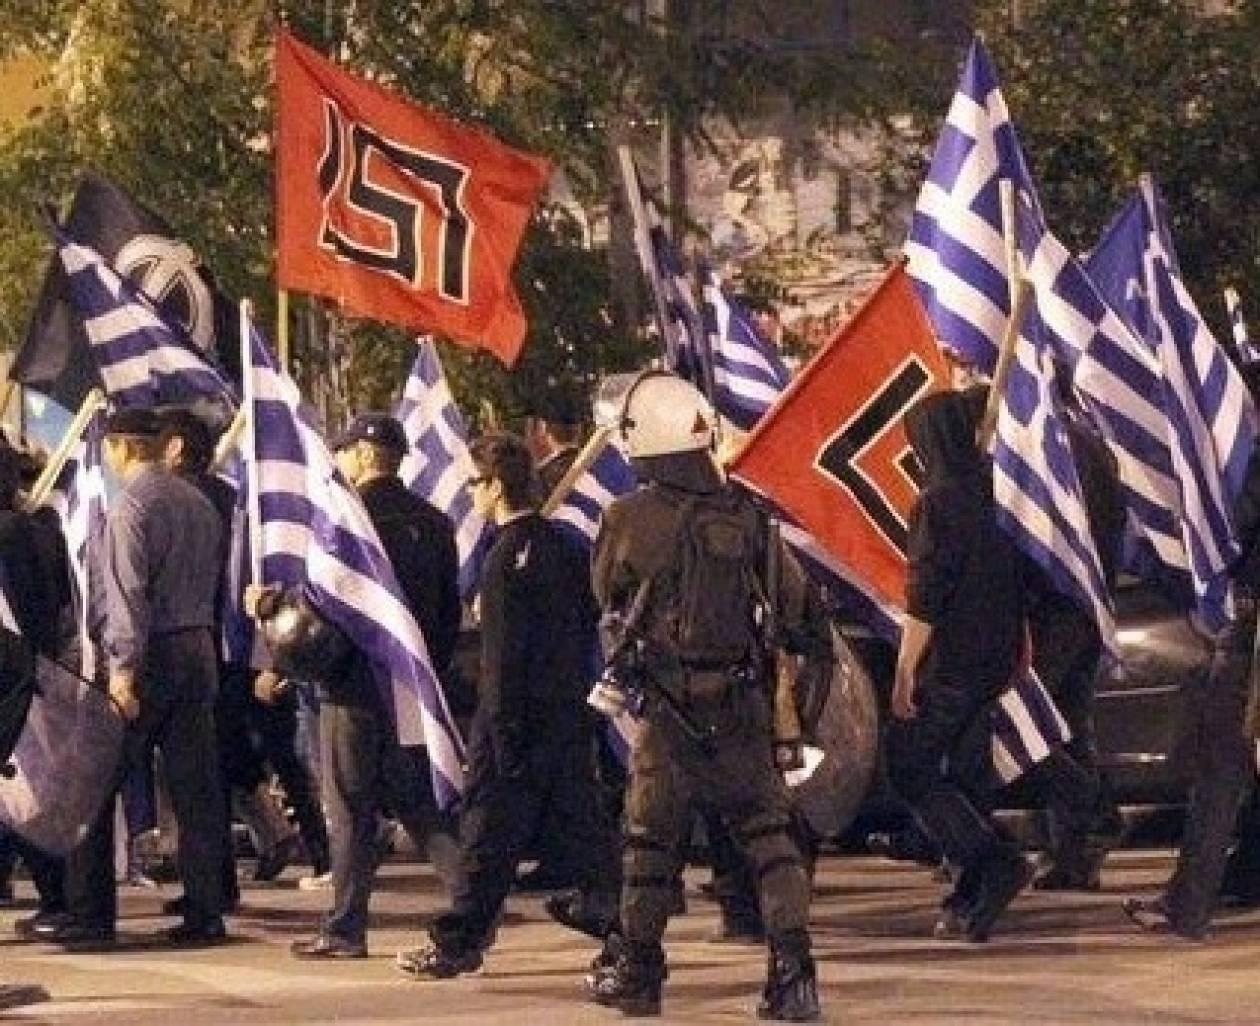 Θεσσαλονίκη: Εισβολή Χρυσαυγιτών σε συναυλία της ΚΝΕ στα Μετέωρα